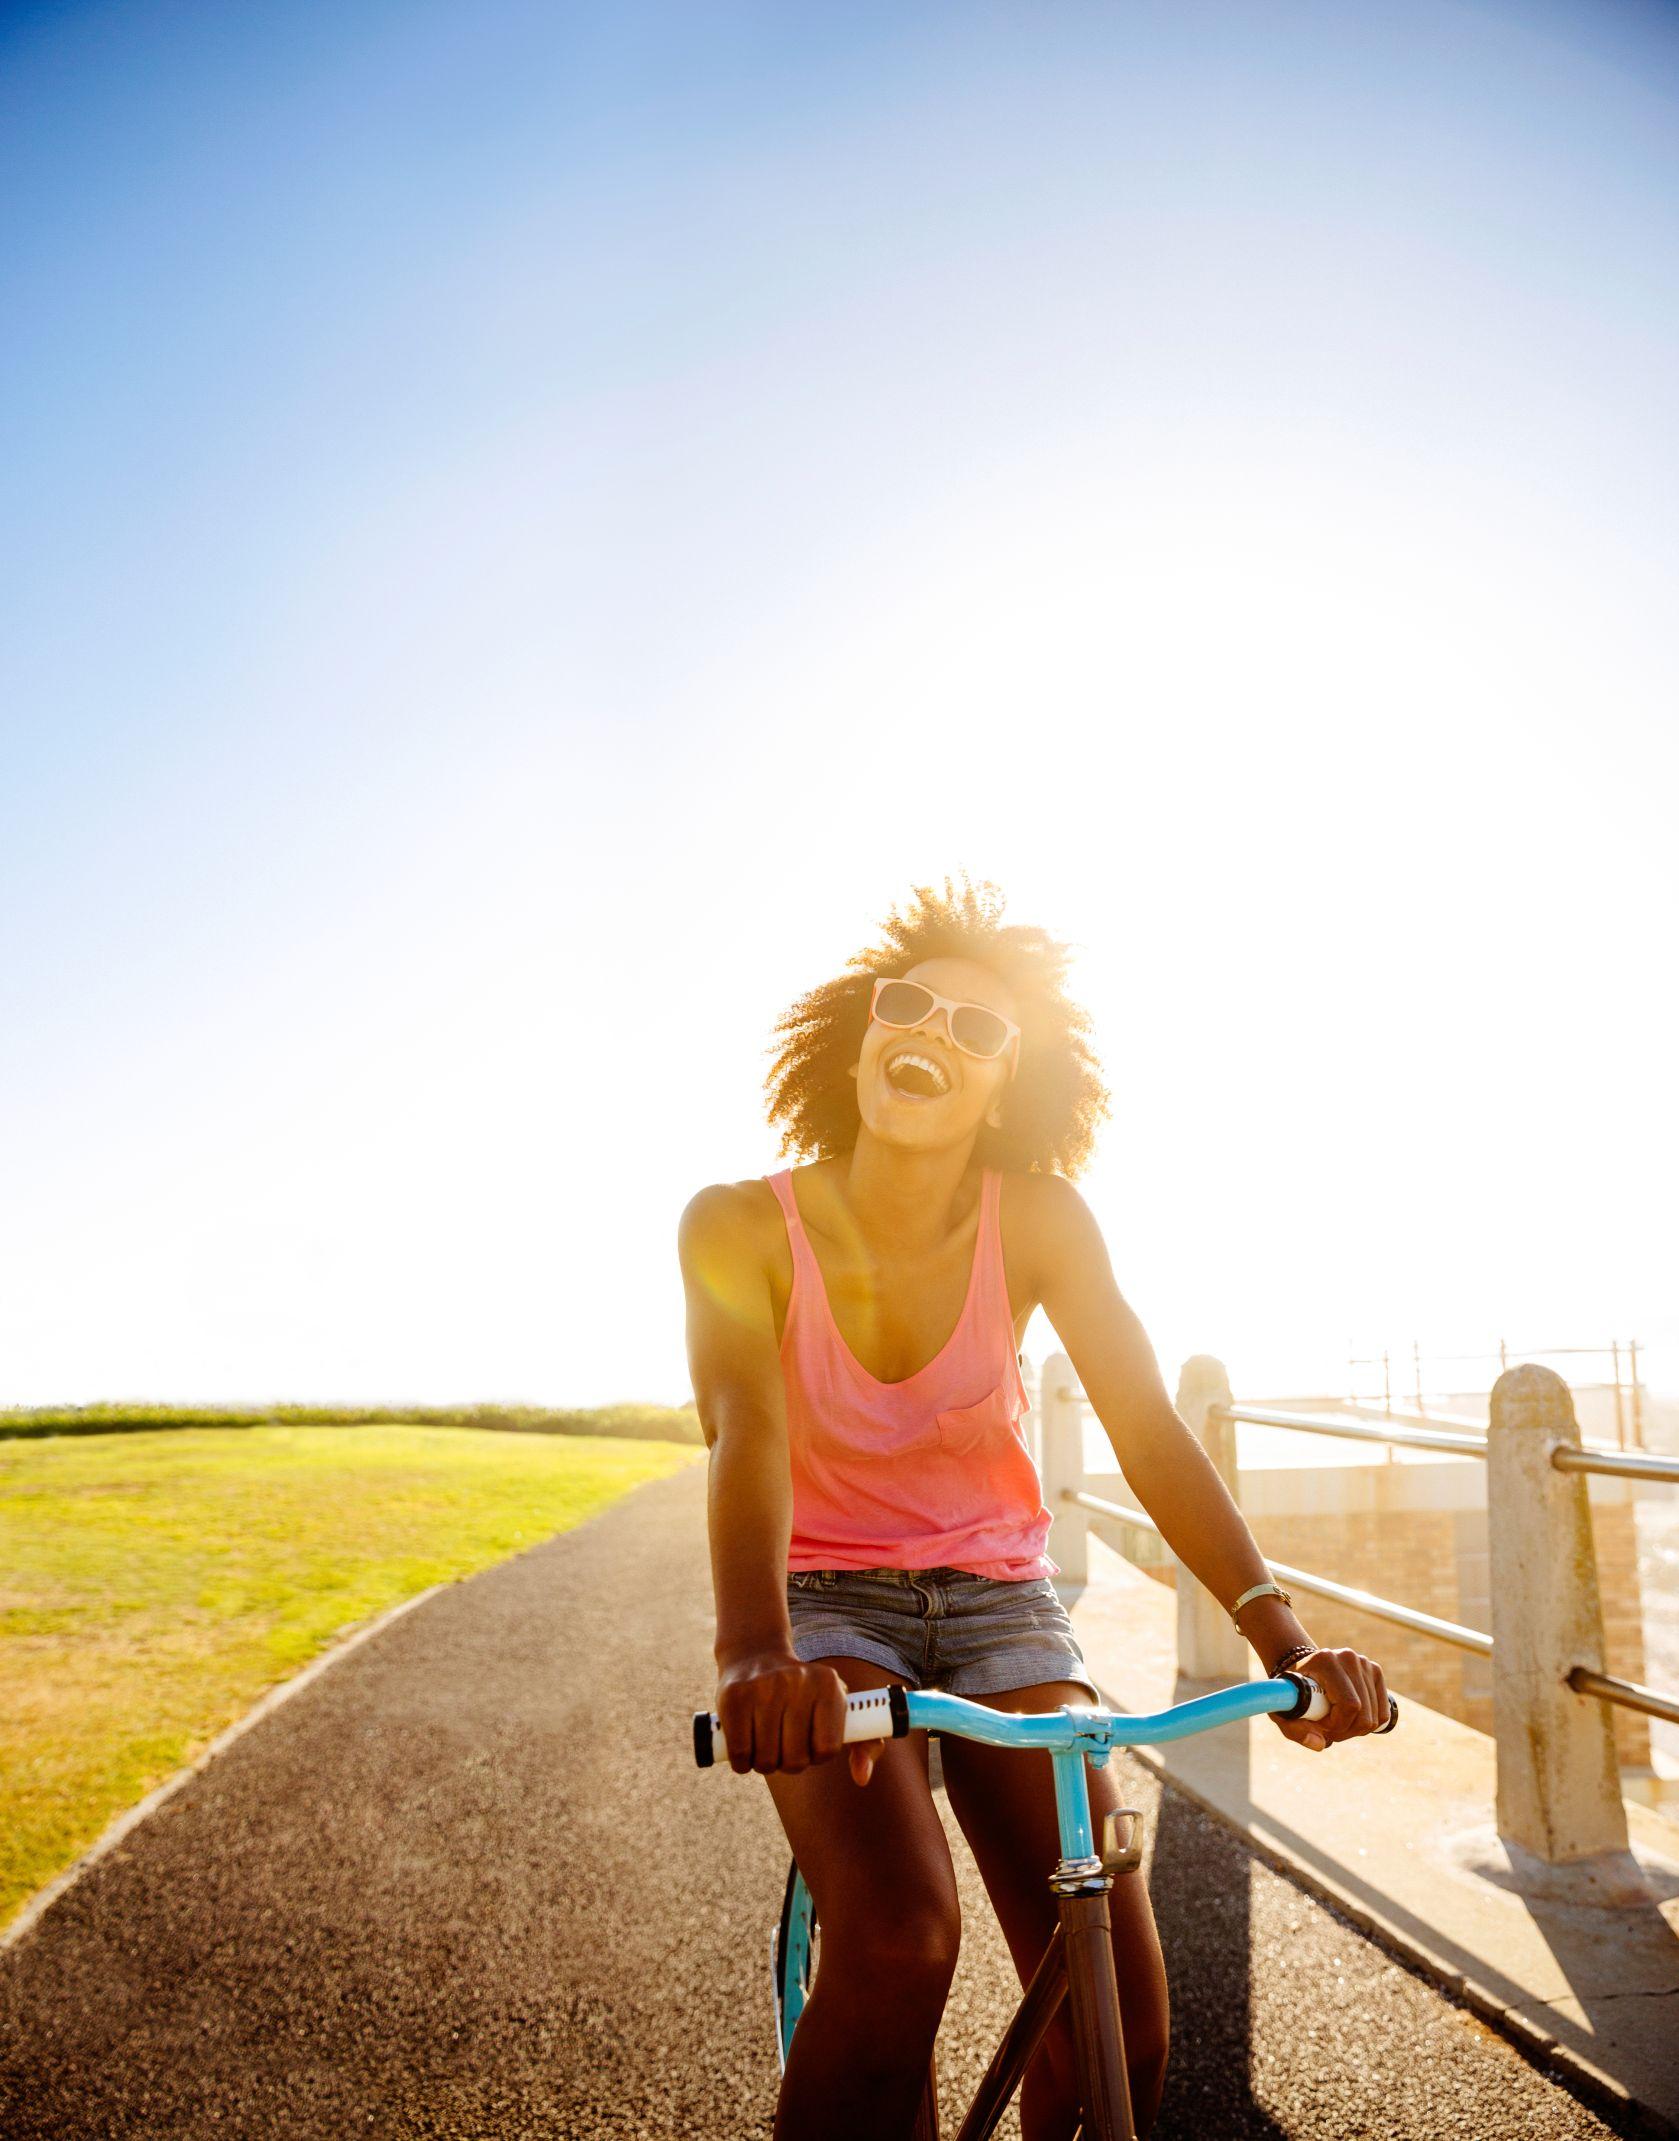 teenage girl riding her bike near beach